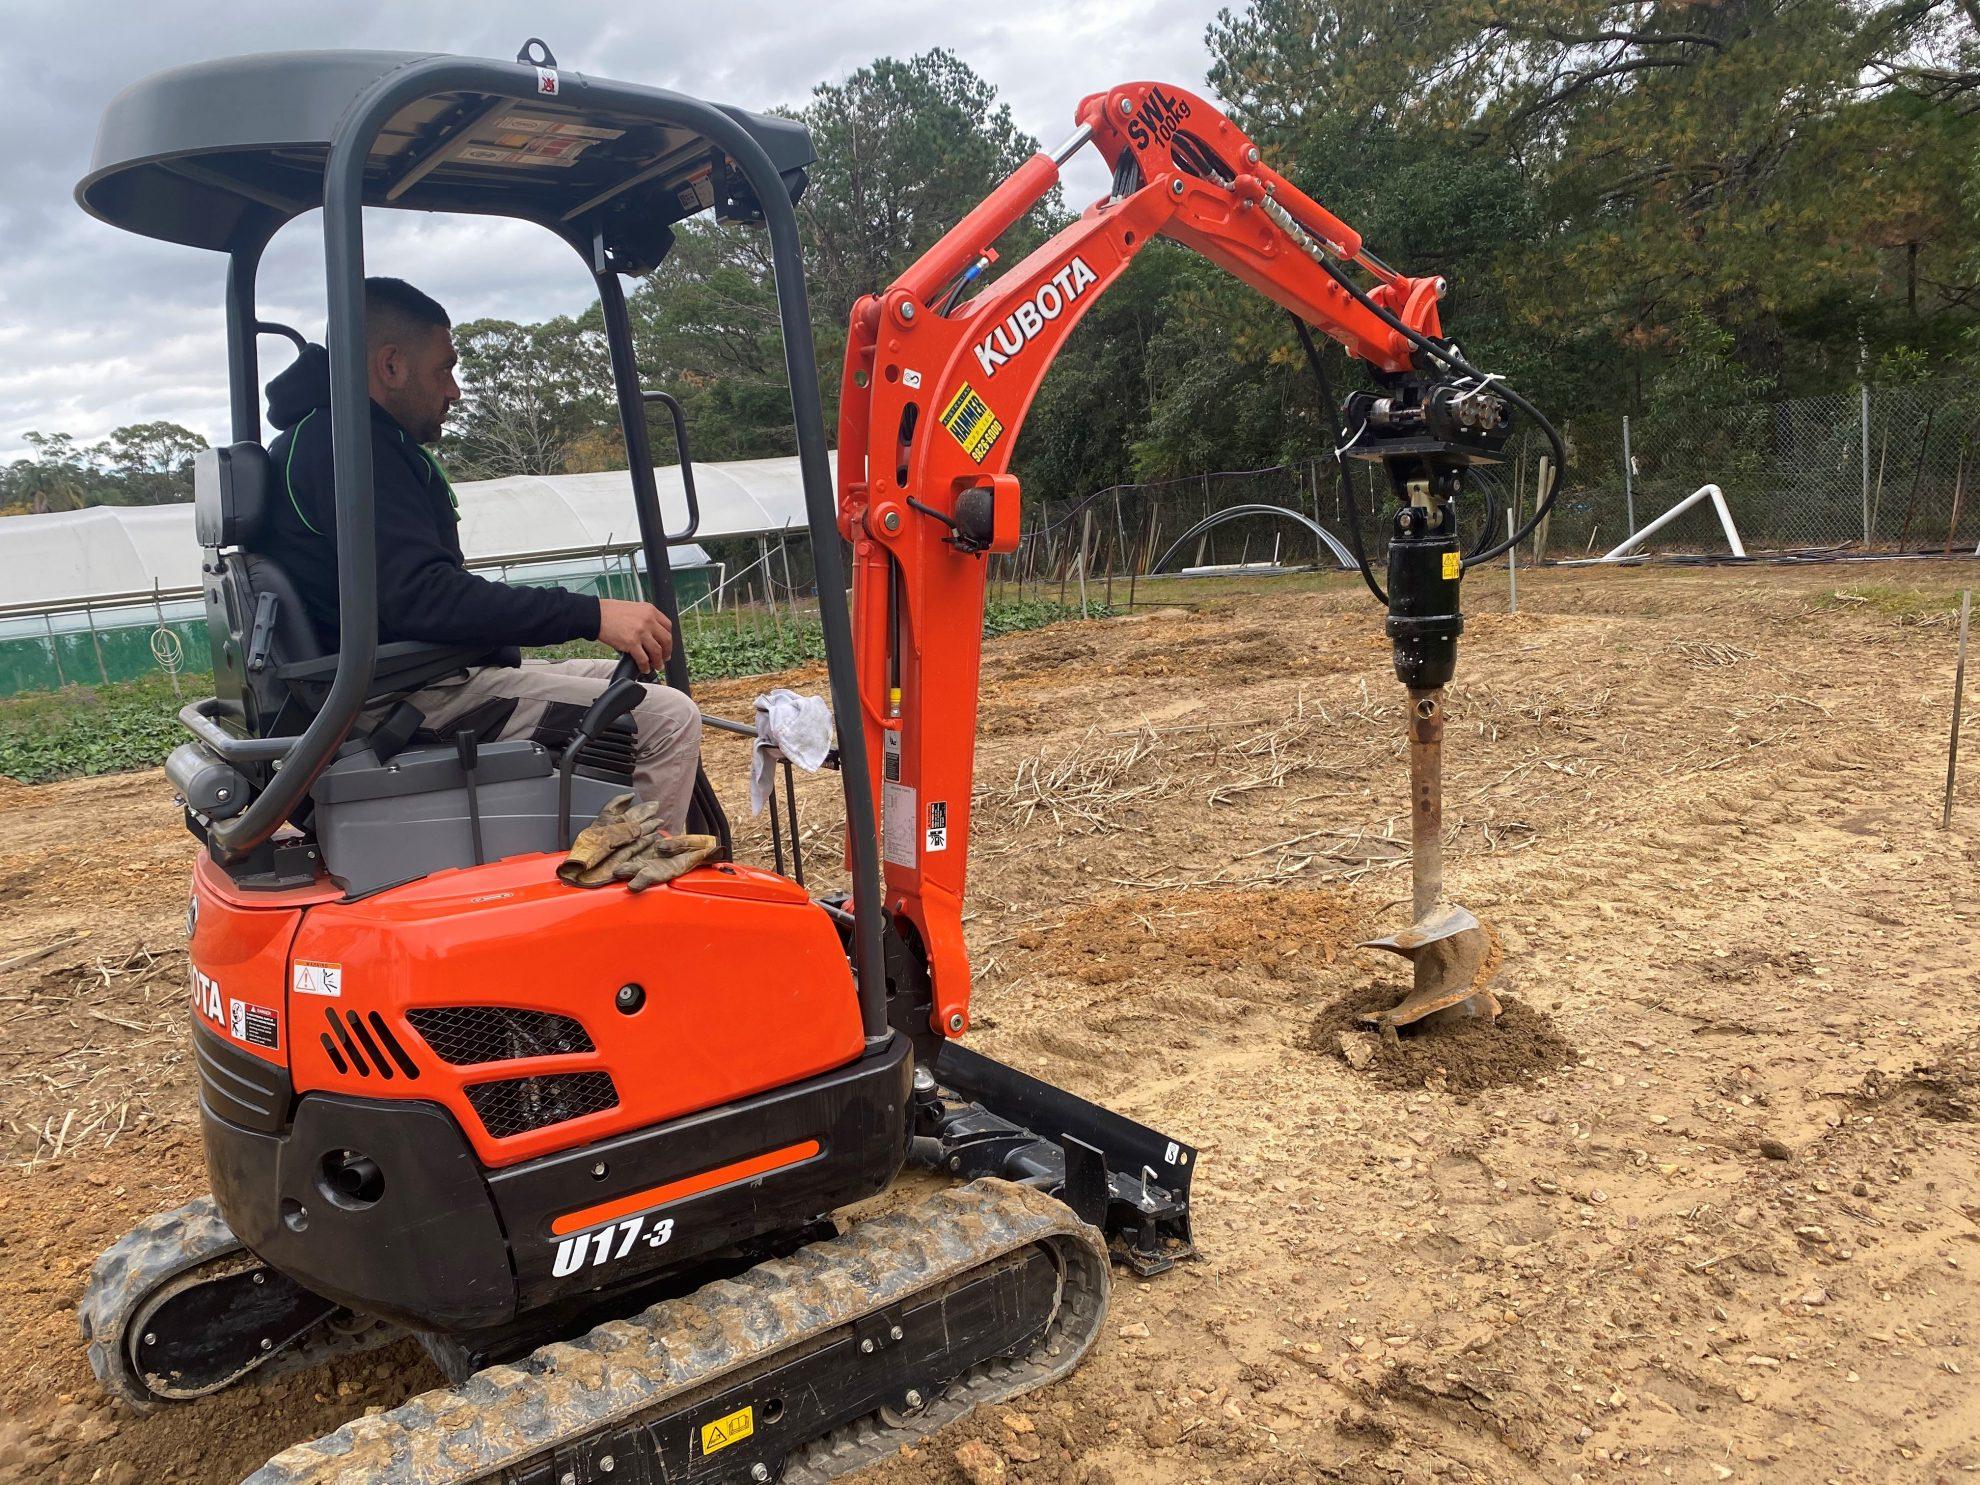 Man drilling a land using a Kubota excavator